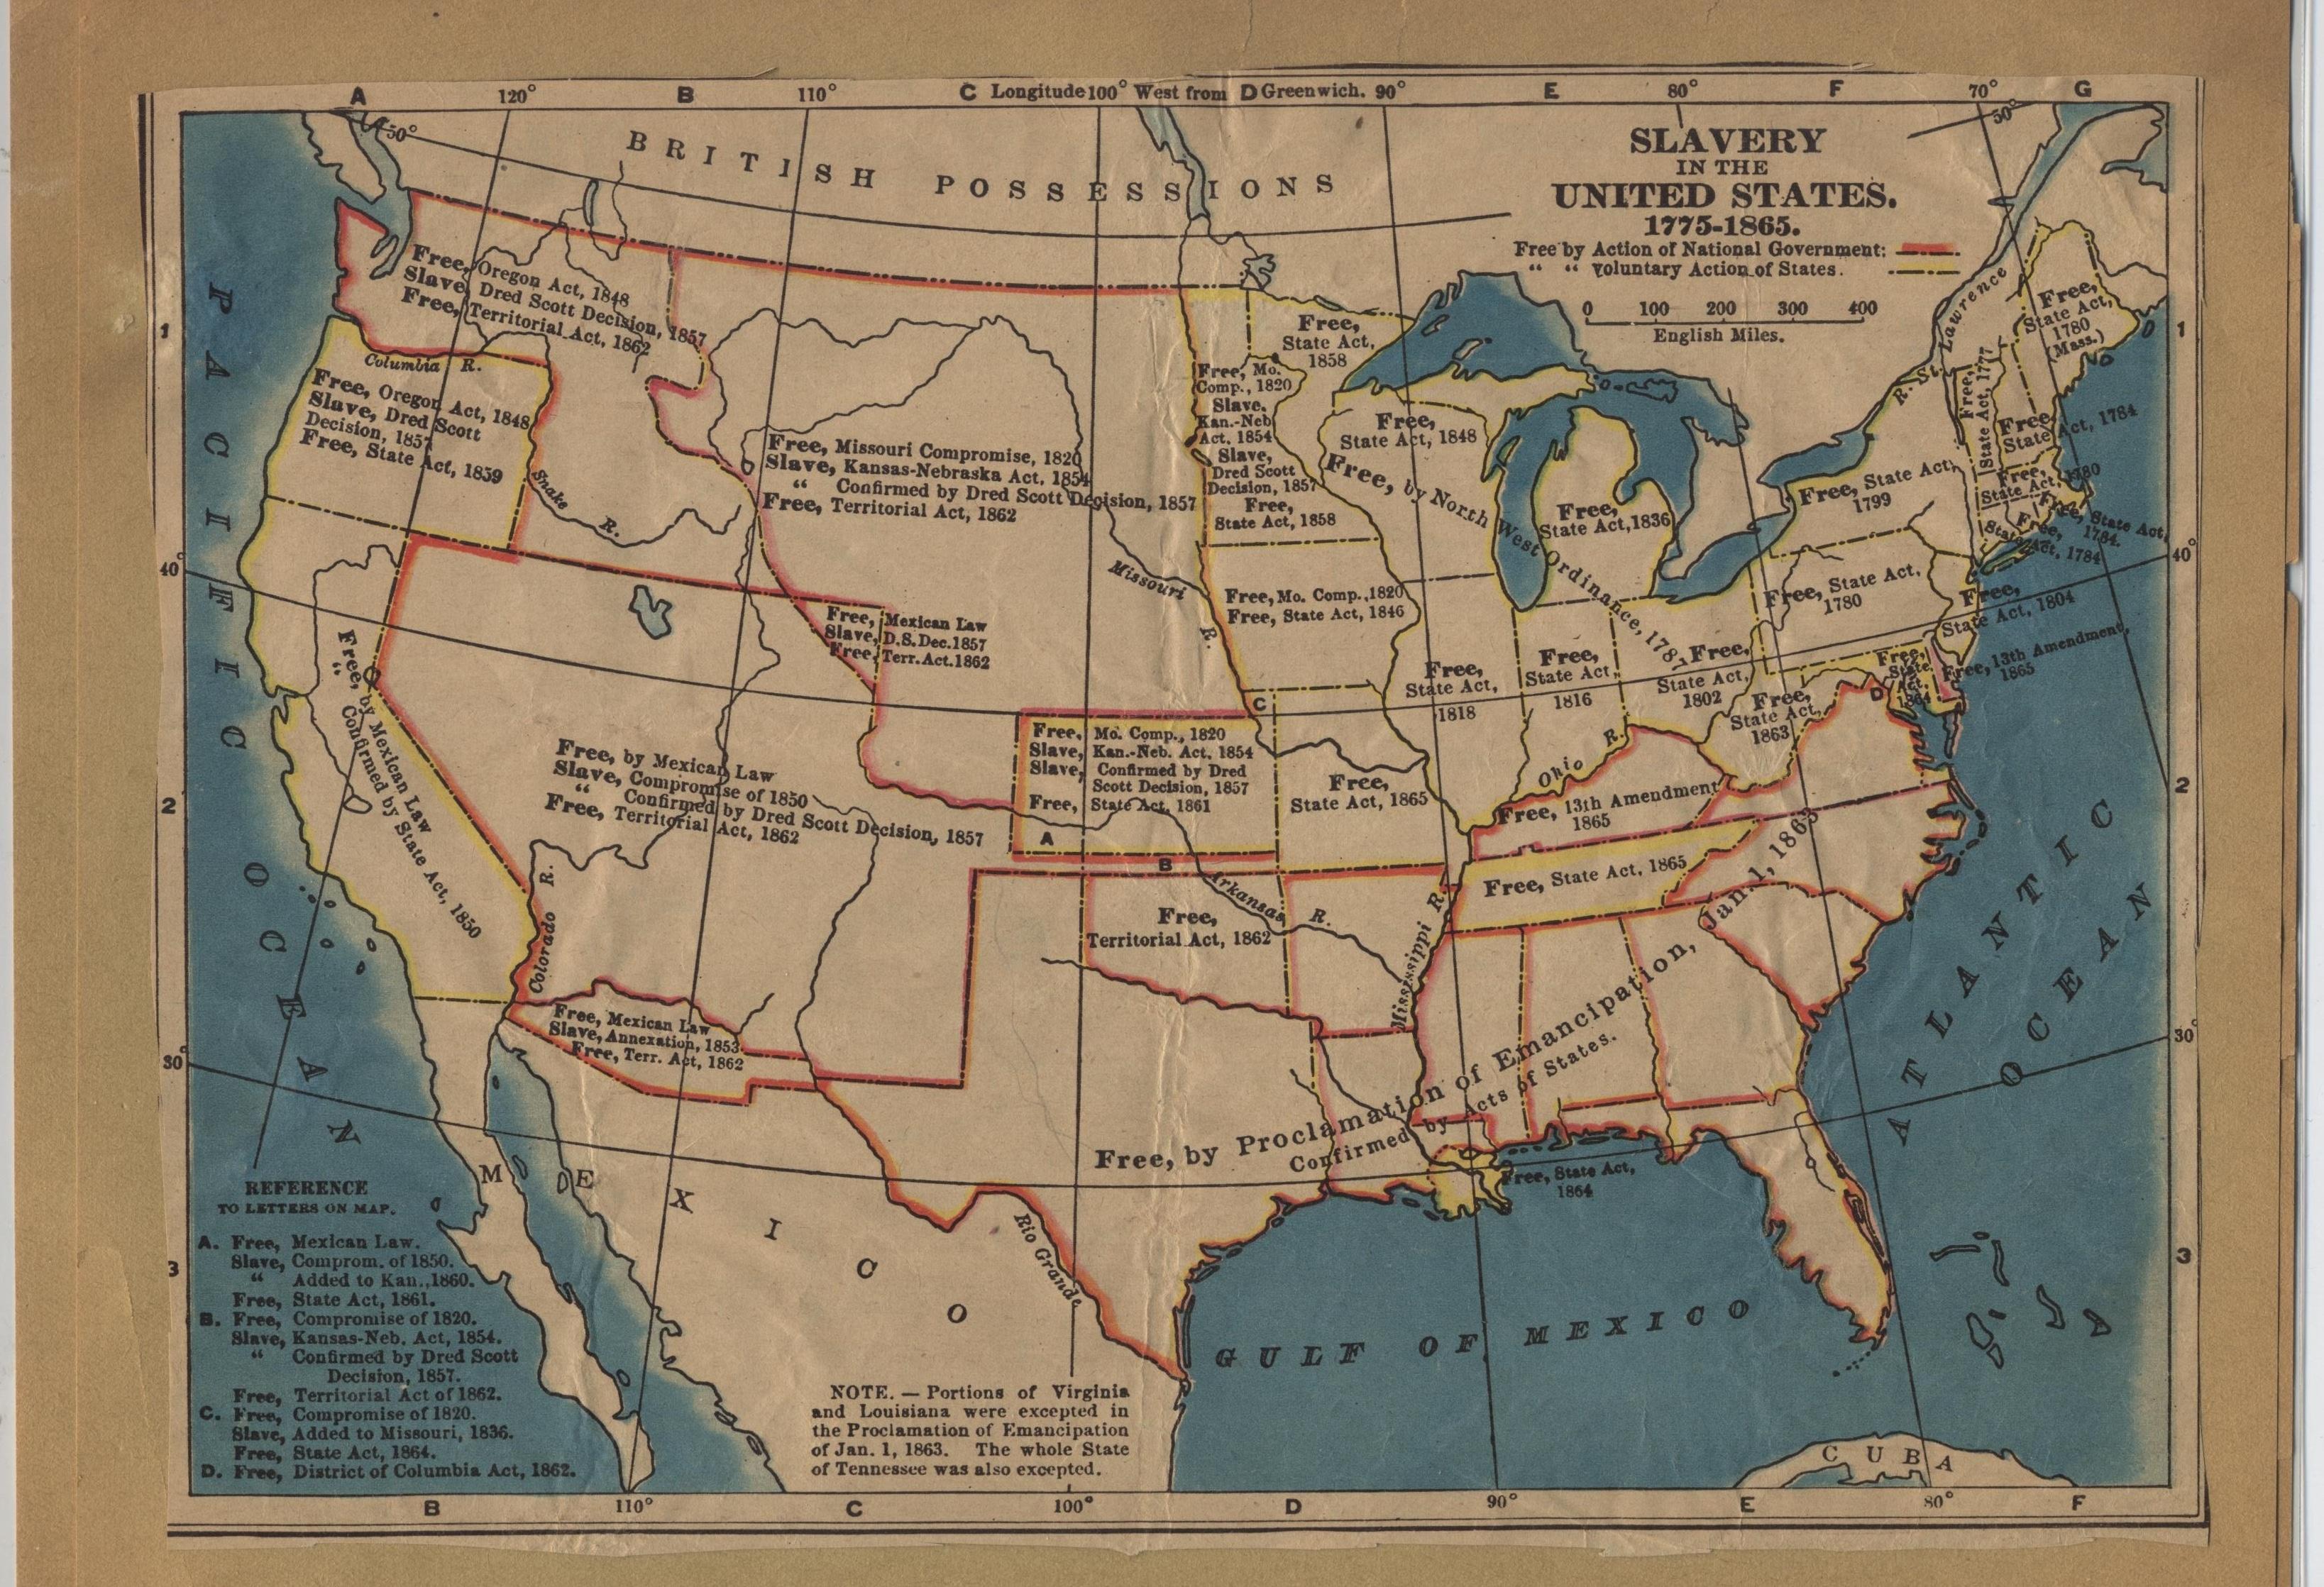 Mappa storica che illustra la diffusione del fenomeno della schiavitù negli Stati Uniti dal 1775 al 1865. Flickr/Museum of American Finance in licenza CC